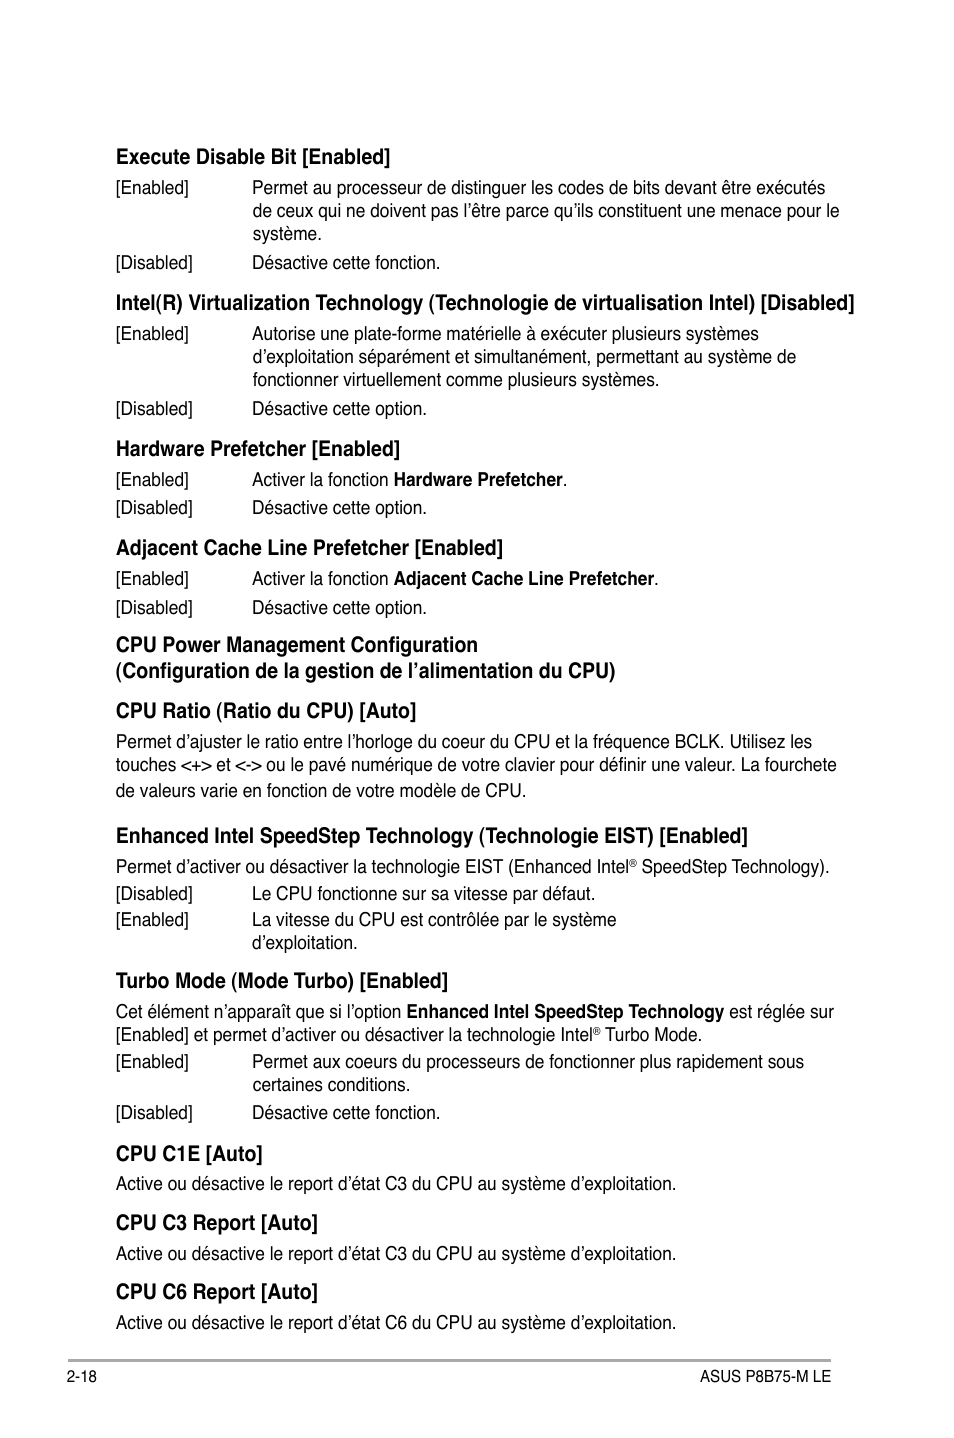 Asus P8B75-M LE Manuel d'utilisation | Page 60 / 80